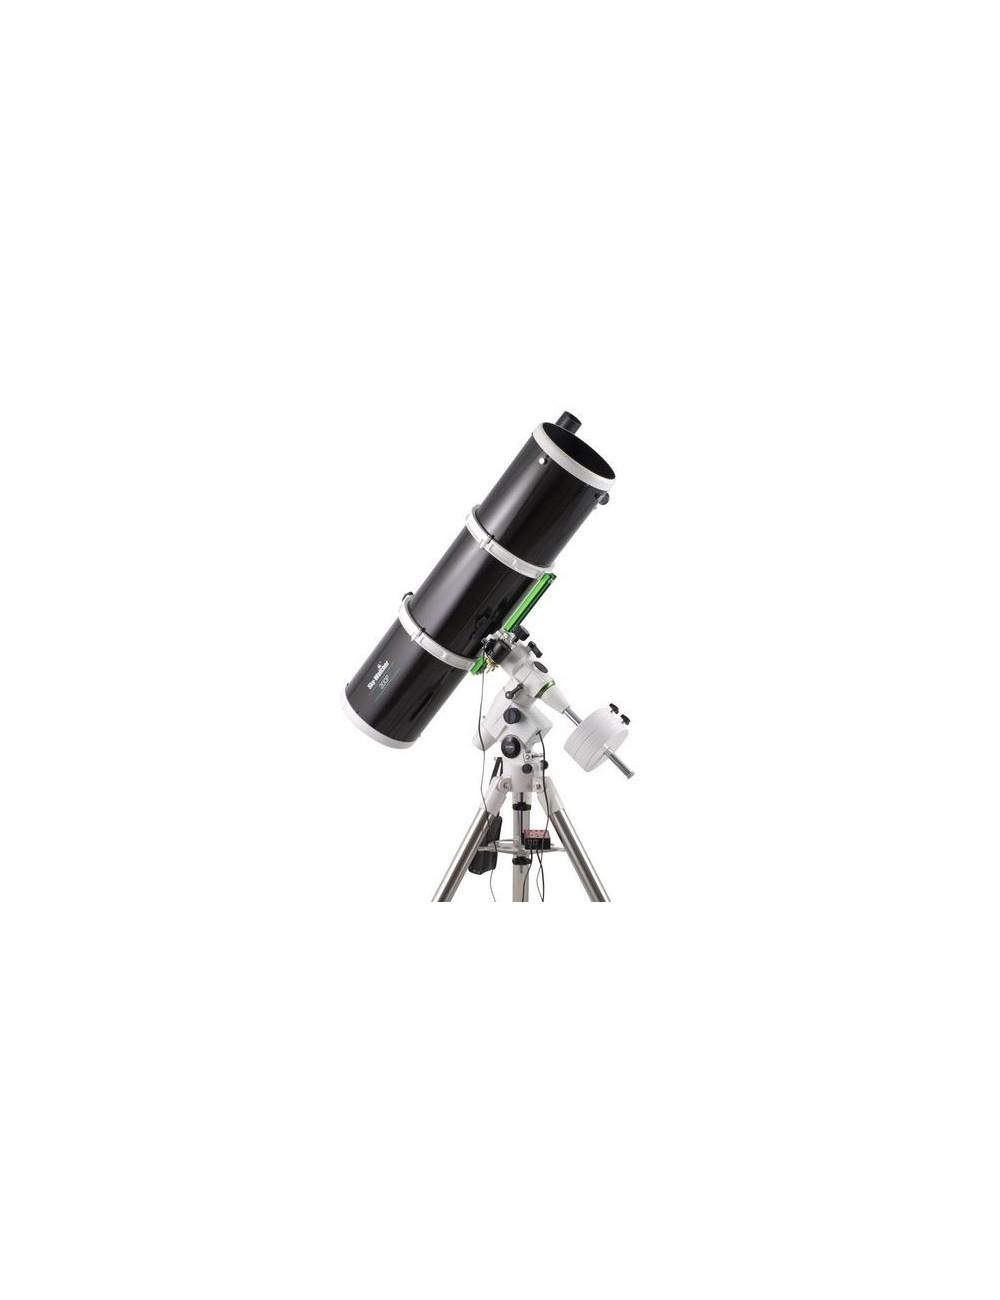 Sky Watcher Black Diamond 200/1000 EQ5